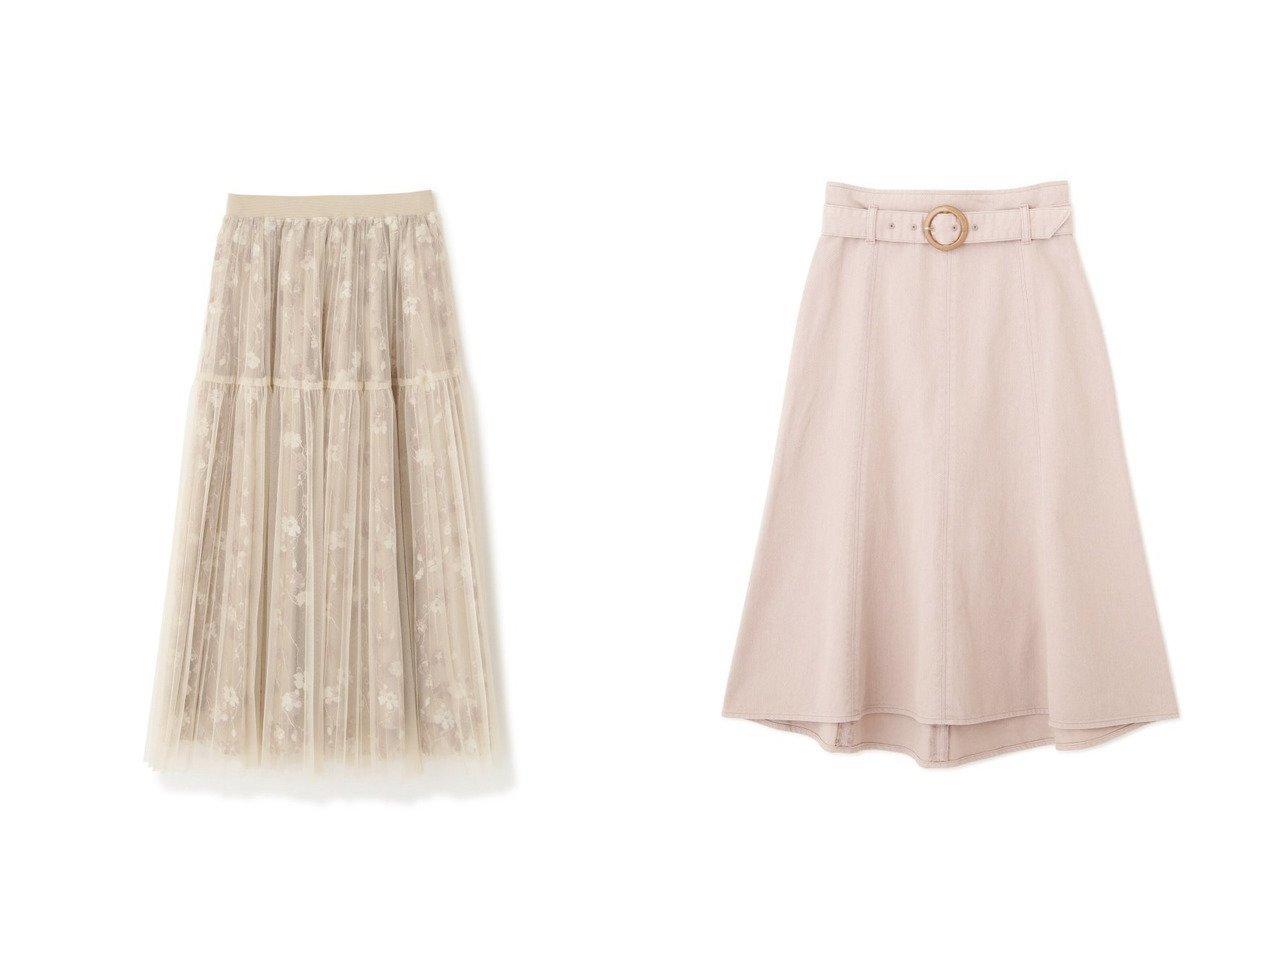 【PROPORTION BODY DRESSING/プロポーション ボディドレッシング】の《EDIT COLOGNE》二段ティアードチュールスカート&カラーマーメイドフレアスカート スカートのおすすめ!人気、トレンド・レディースファッションの通販 おすすめで人気の流行・トレンド、ファッションの通販商品 メンズファッション・キッズファッション・インテリア・家具・レディースファッション・服の通販 founy(ファニー) https://founy.com/ ファッション Fashion レディースファッション WOMEN スカート Skirt Aライン/フレアスカート Flared A-Line Skirts NEW・新作・新着・新入荷 New Arrivals カットソー サークル スタンダード マーメイド 定番 Standard 春 Spring コンパクト レース |ID:crp329100000014144